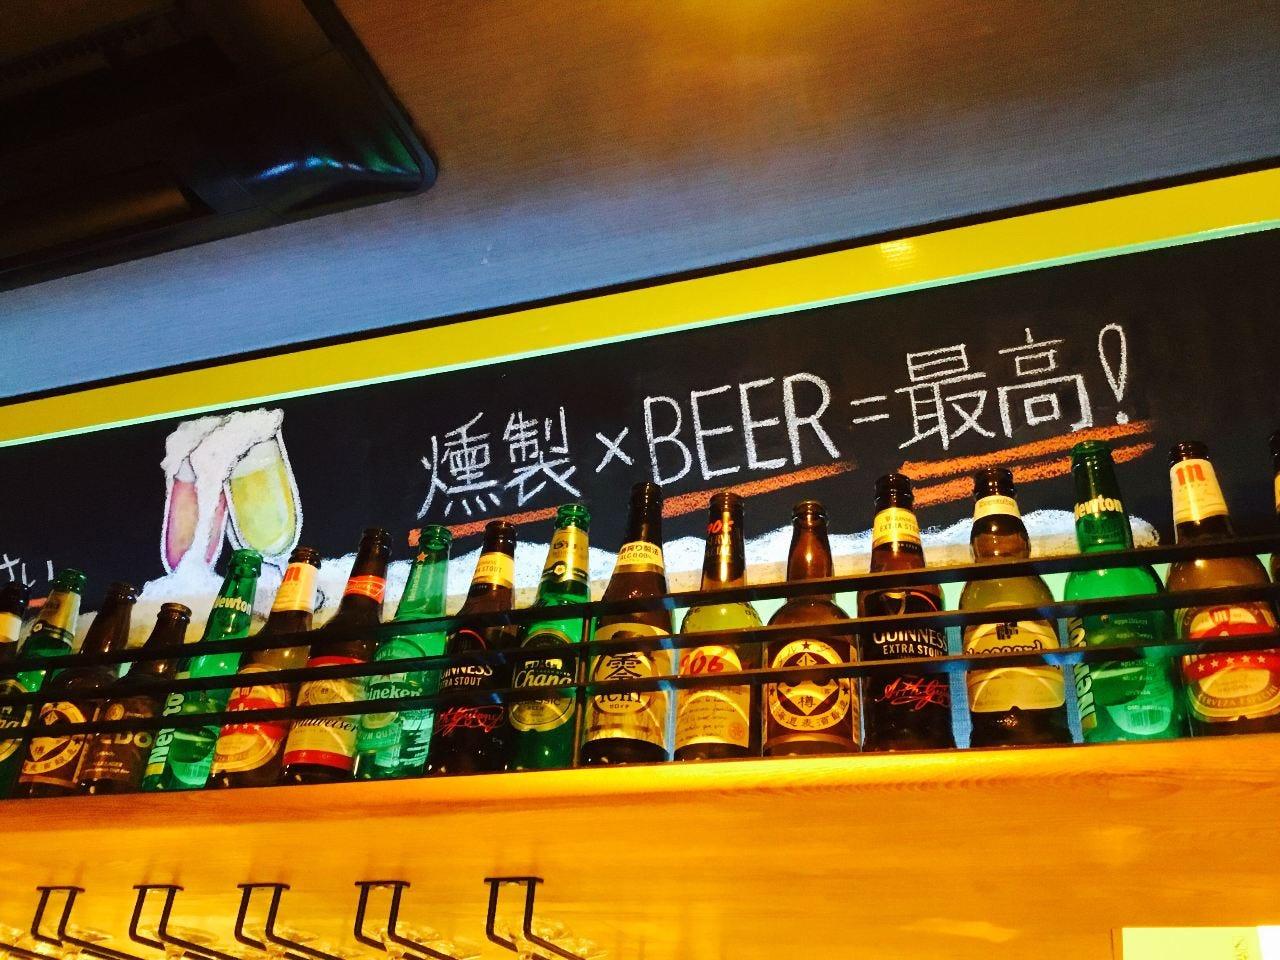 1983 〜燻製とクラフトビールのお店〜 茅ヶ崎